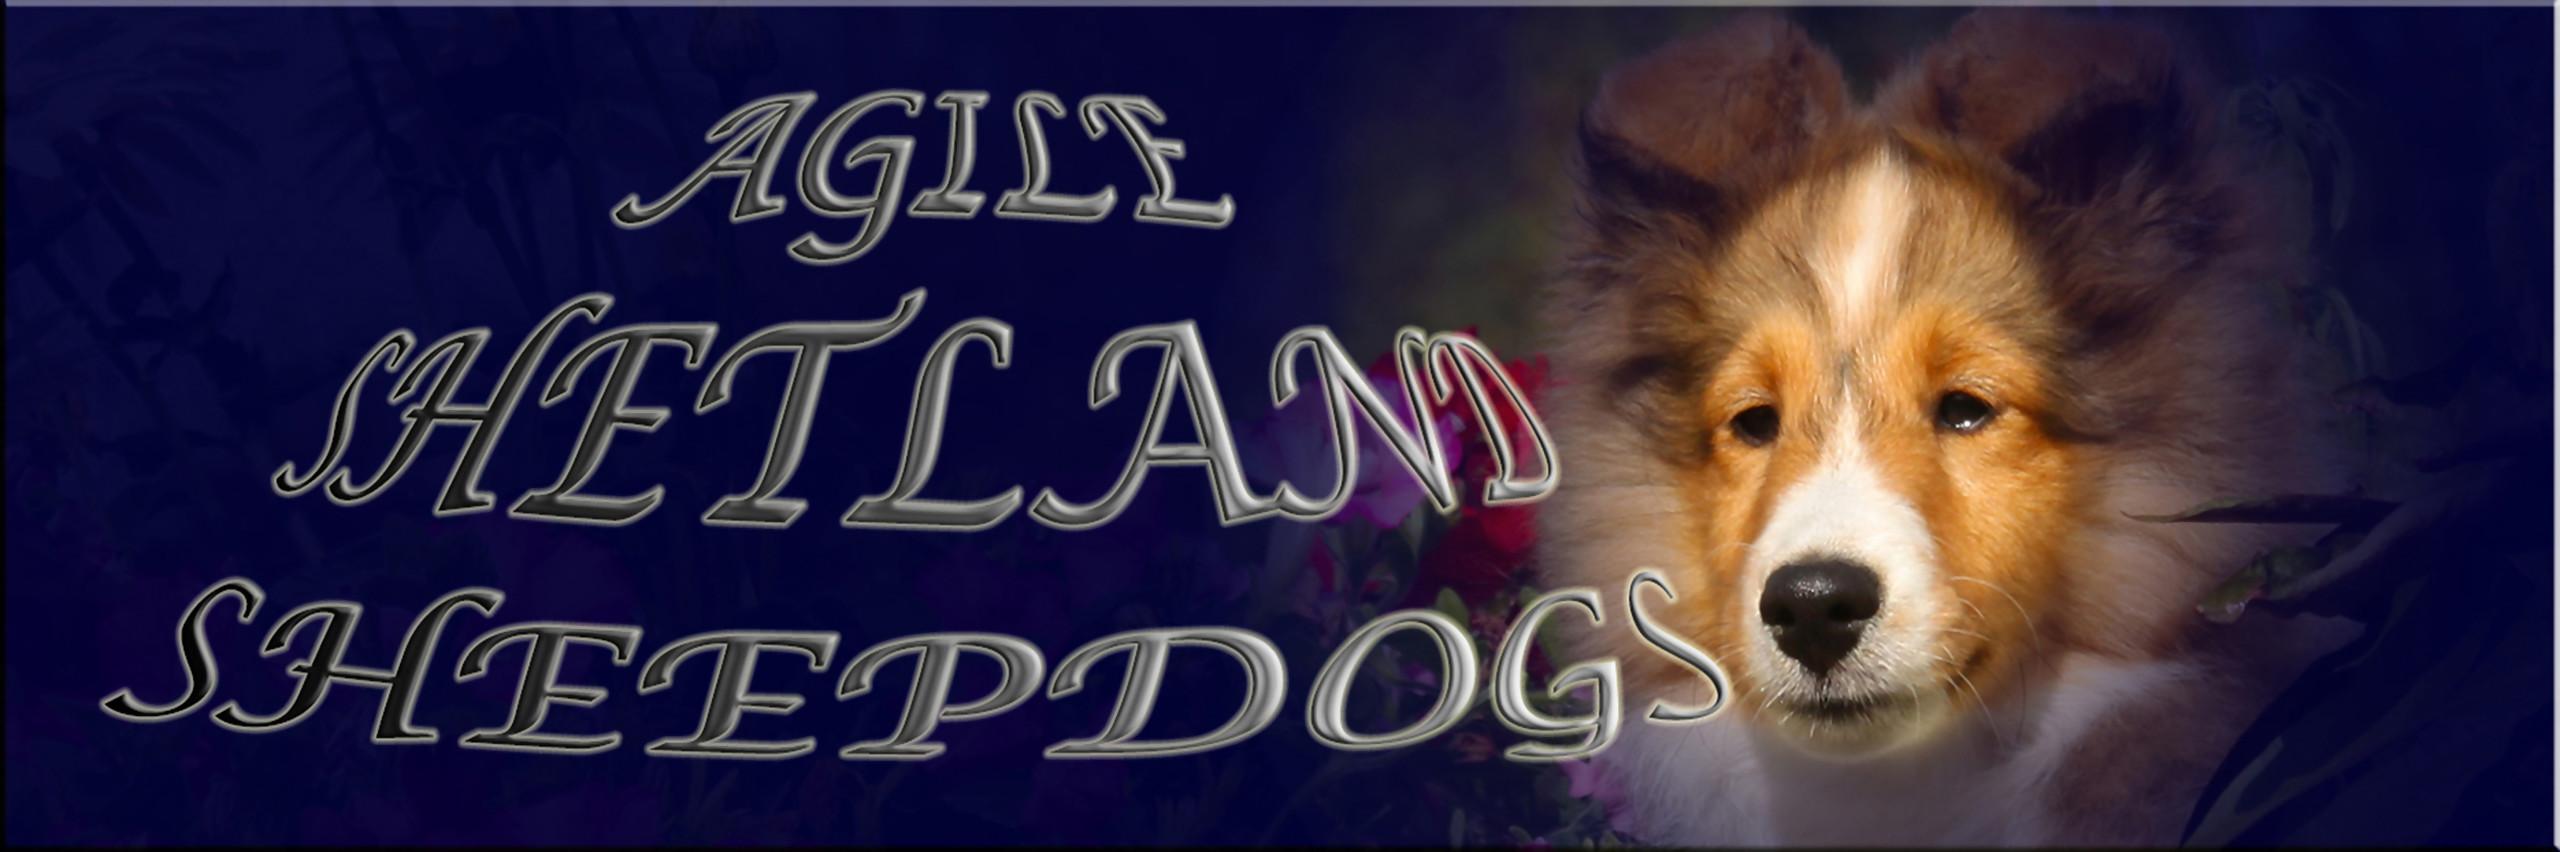 Agile Shetland Sheepdogs Litter 2018